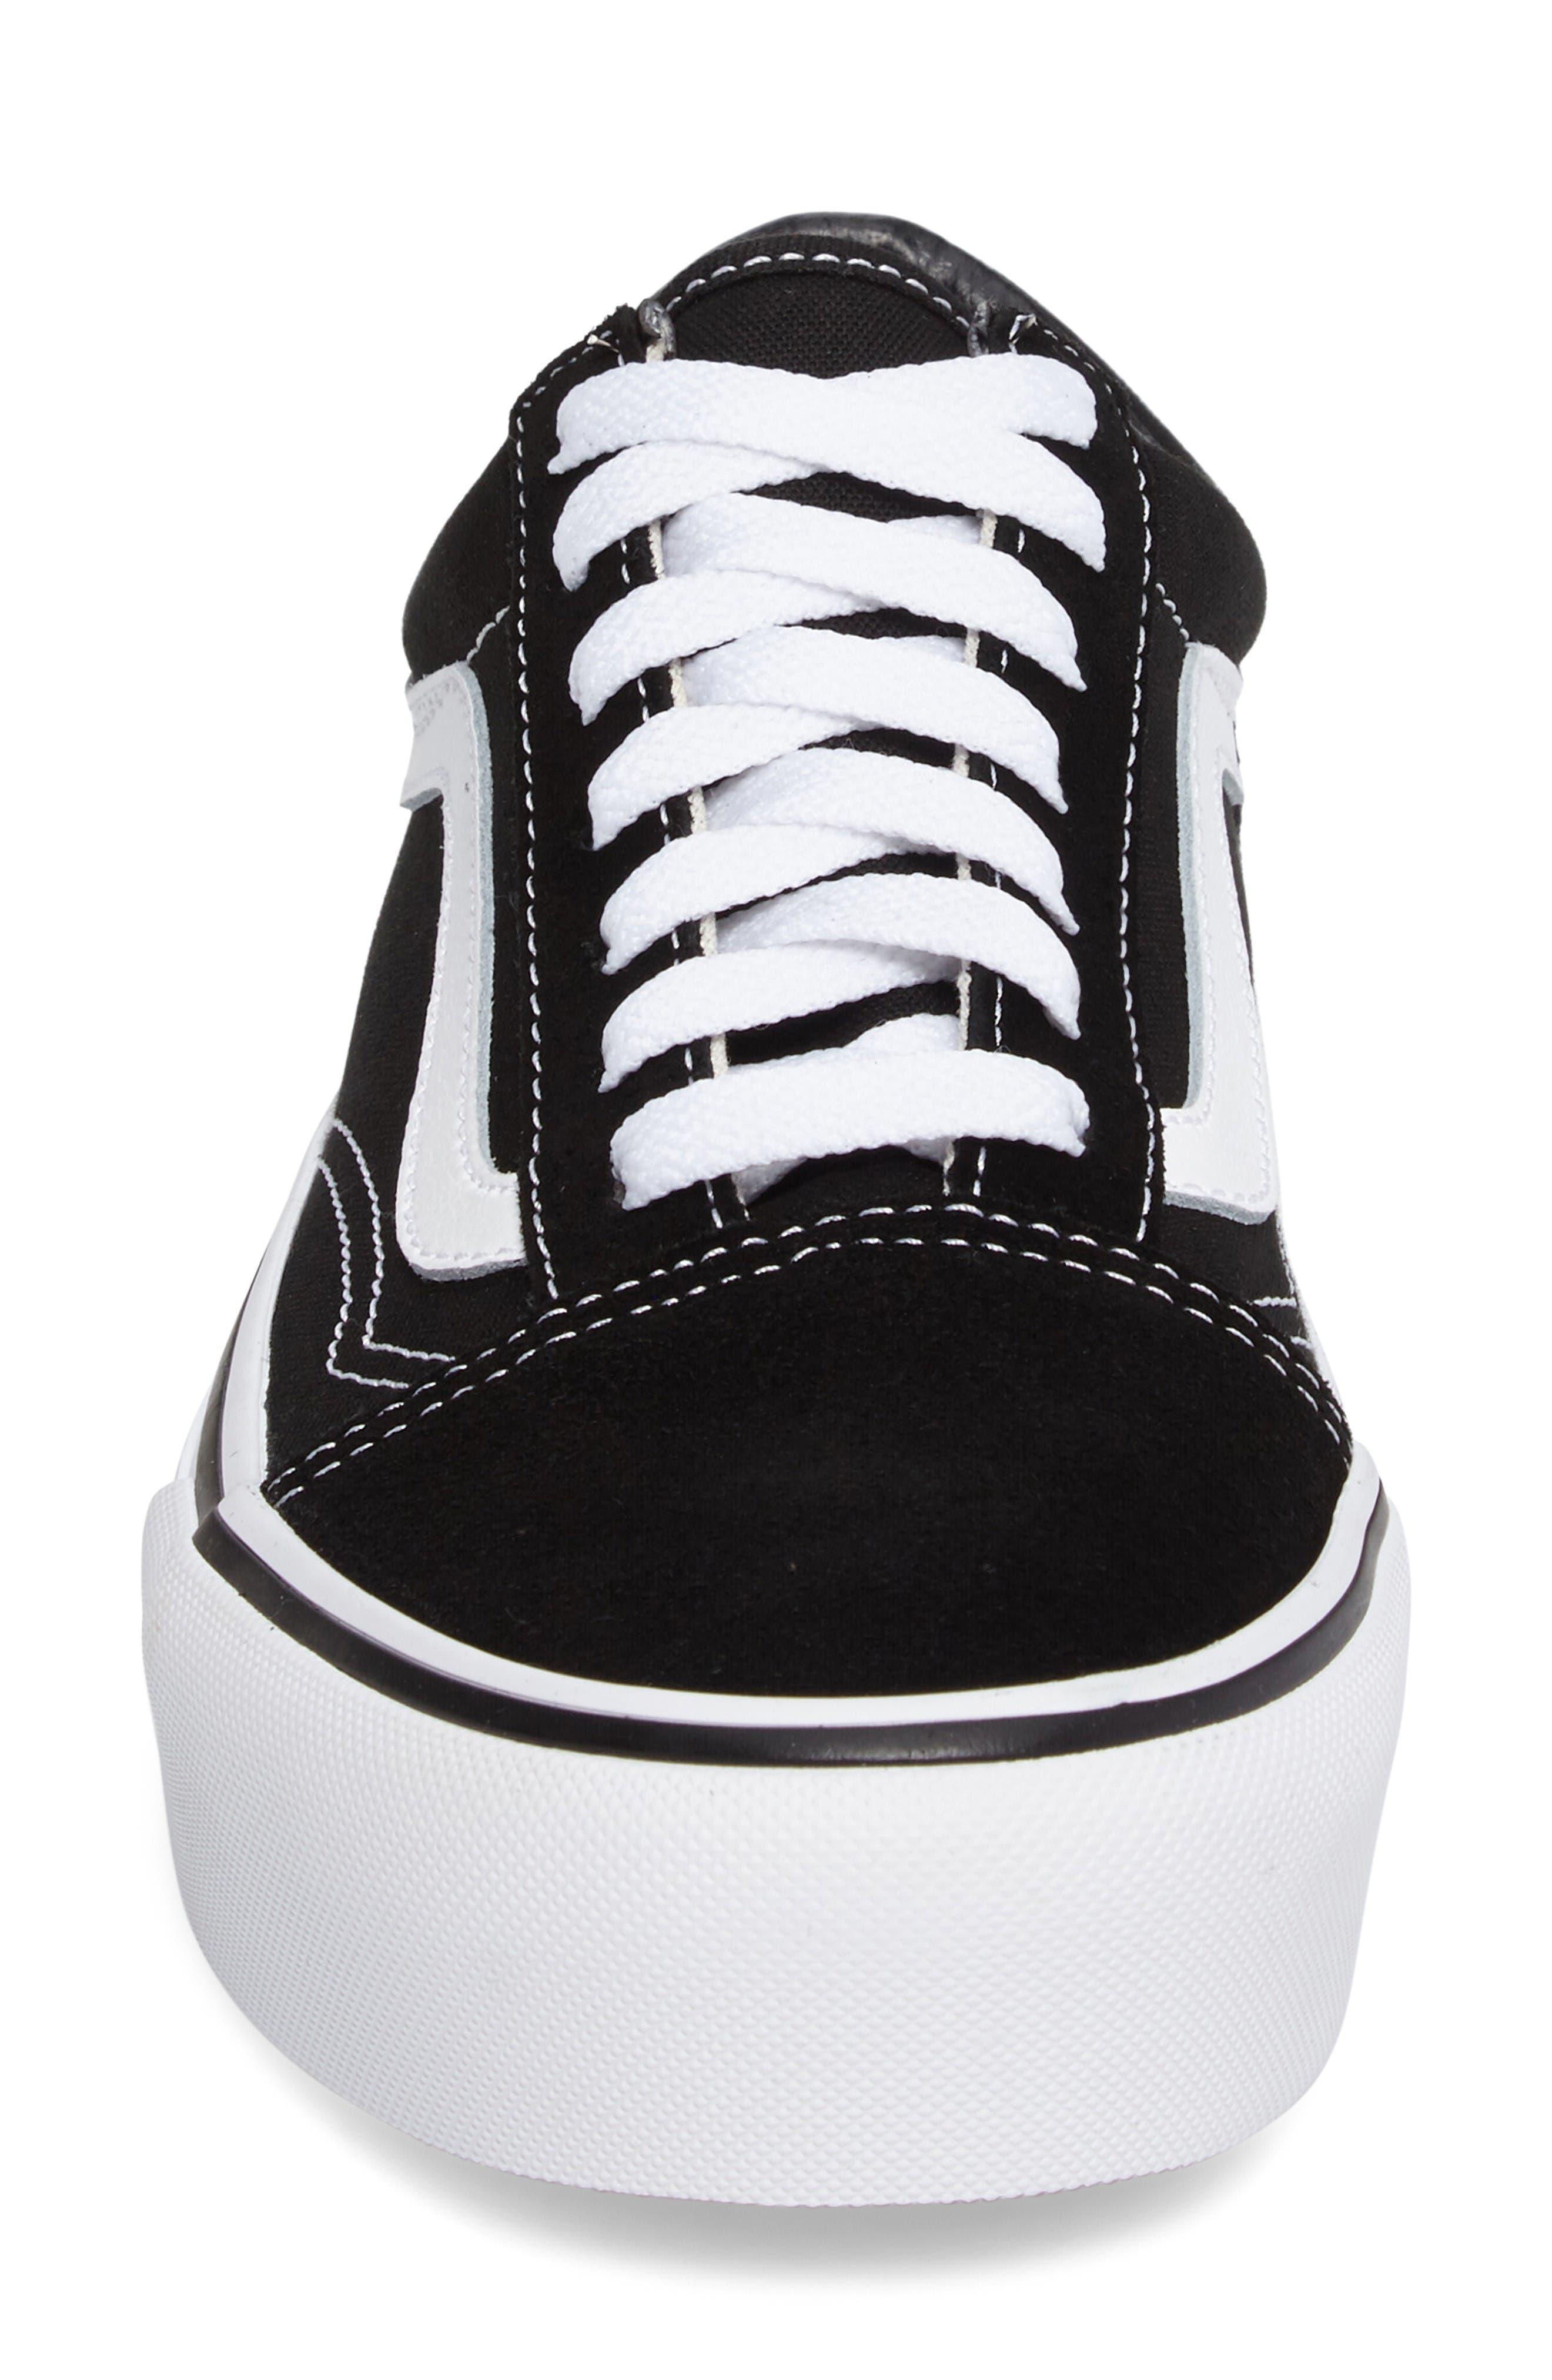 Old Skool Platform Sneaker,                             Alternate thumbnail 4, color,                             Black/ White